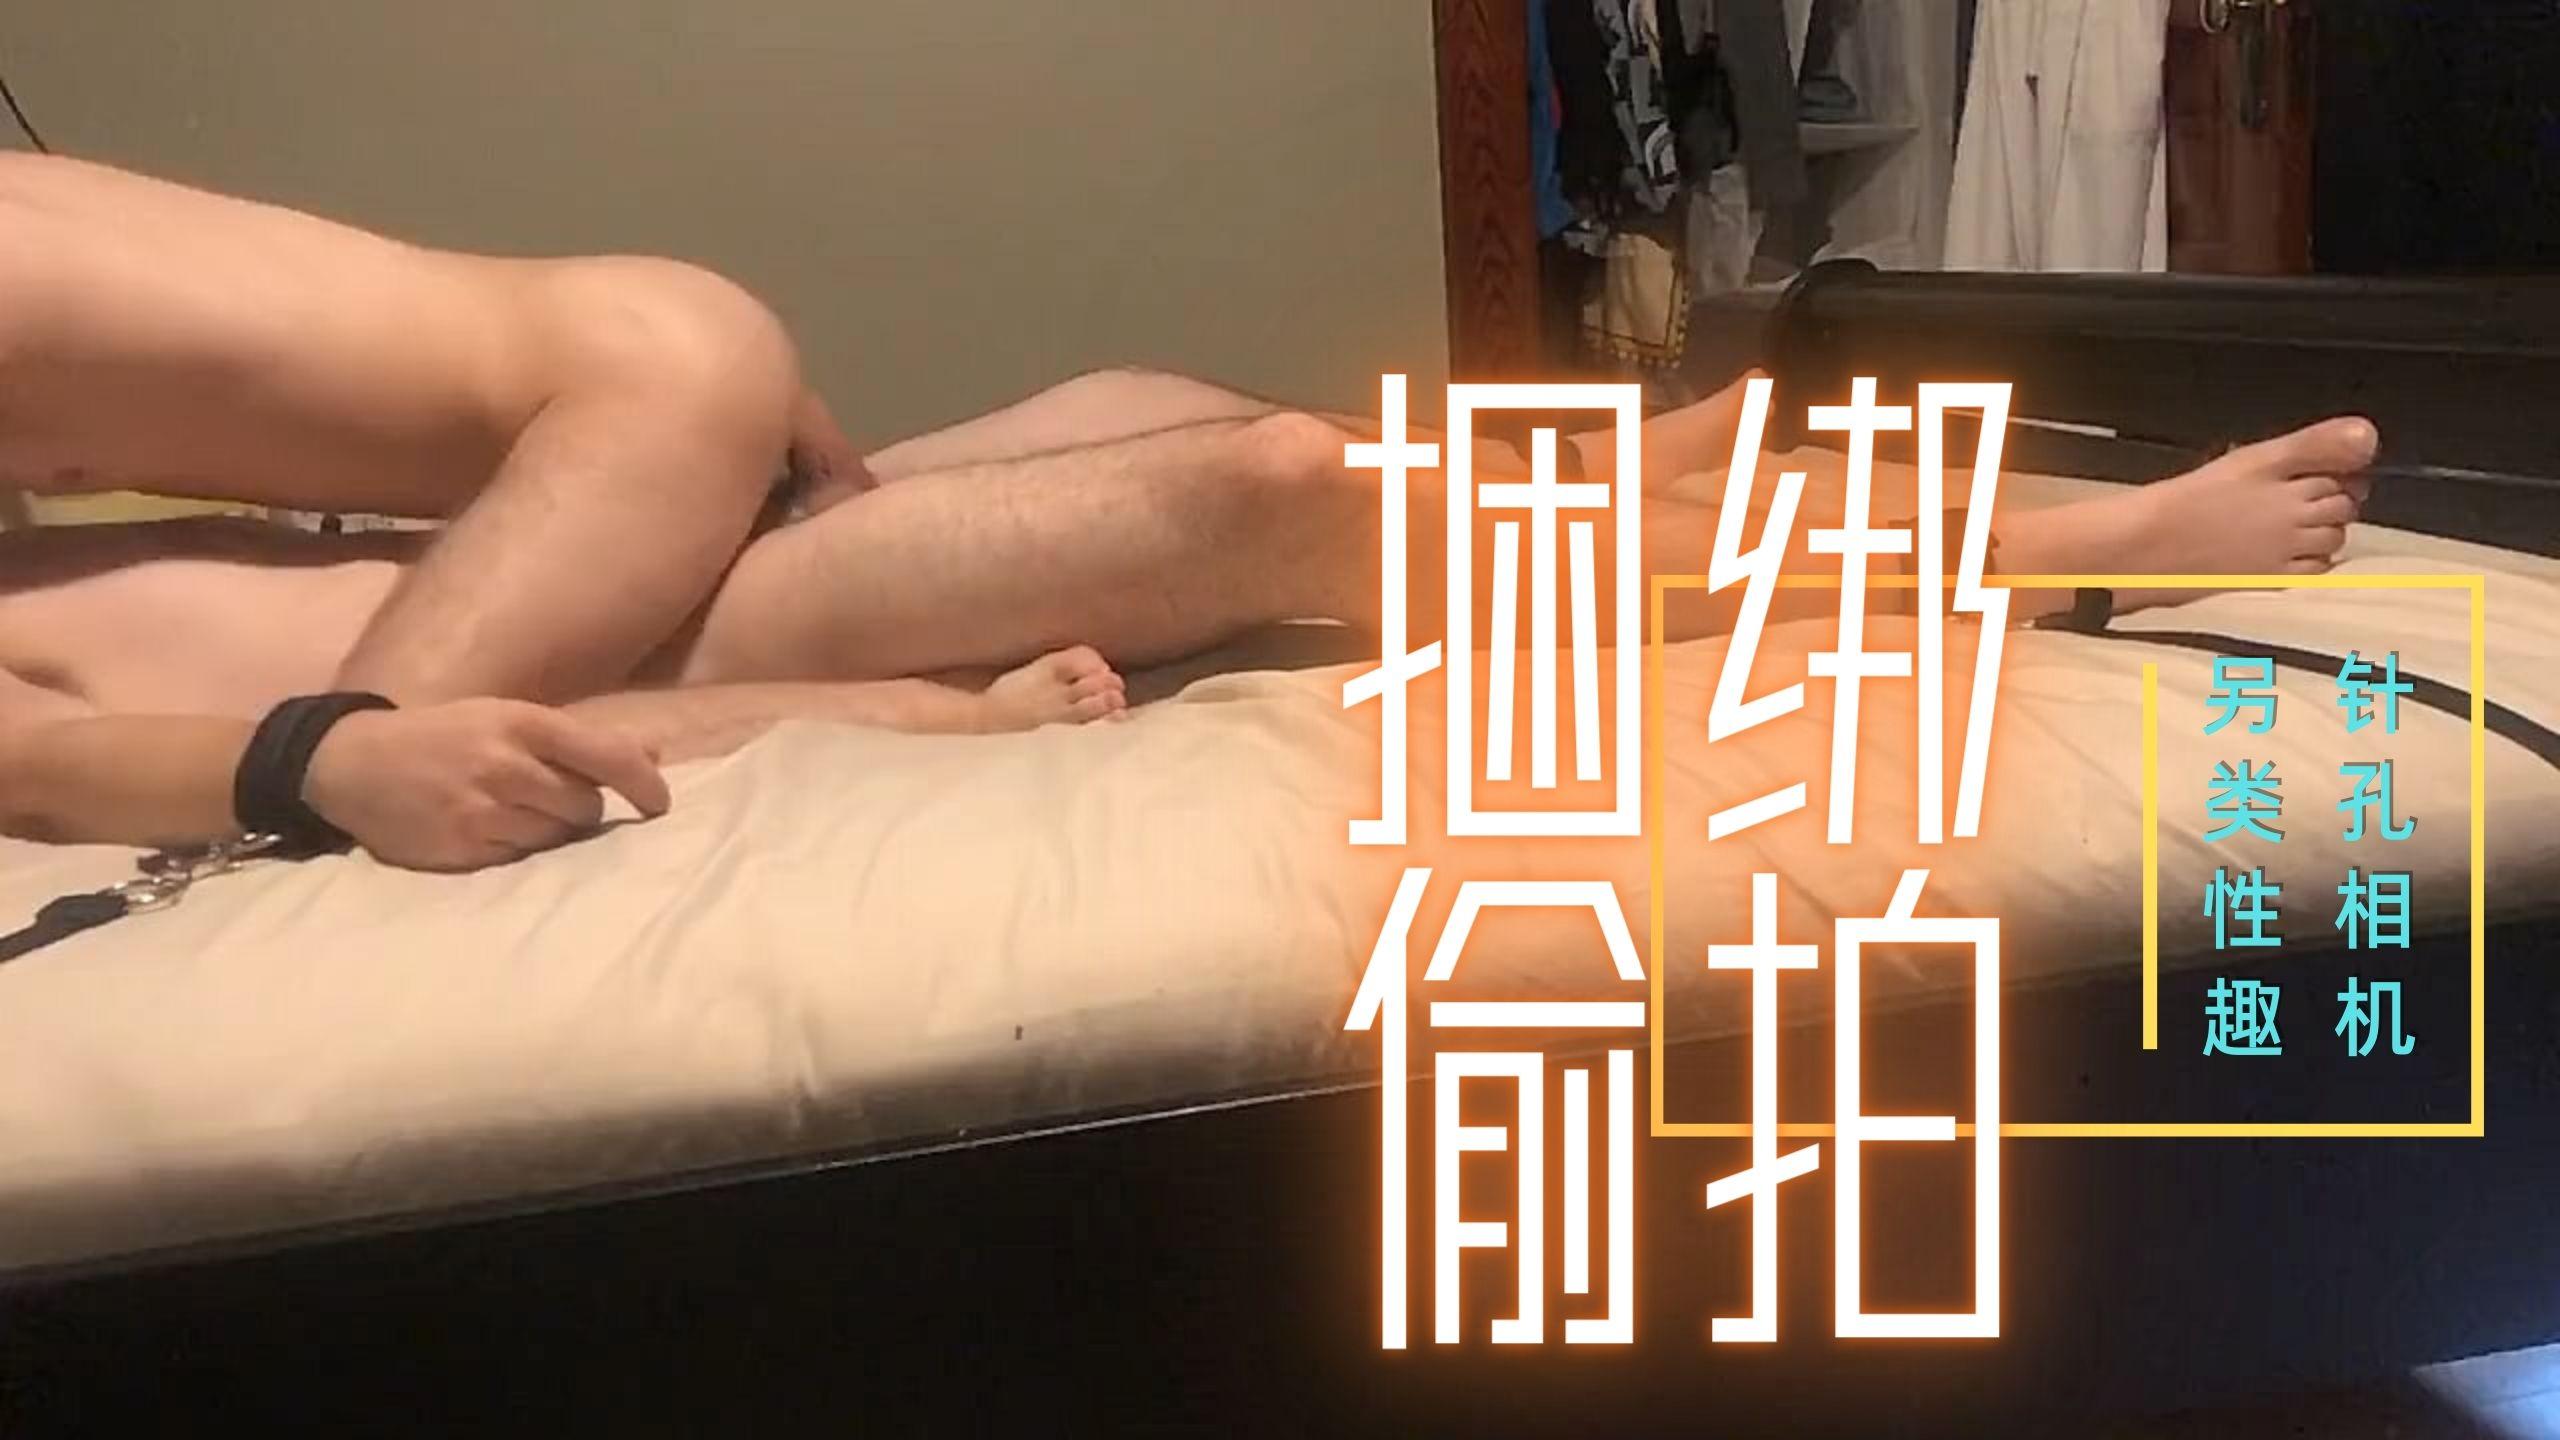 被束缚进行调教主演: